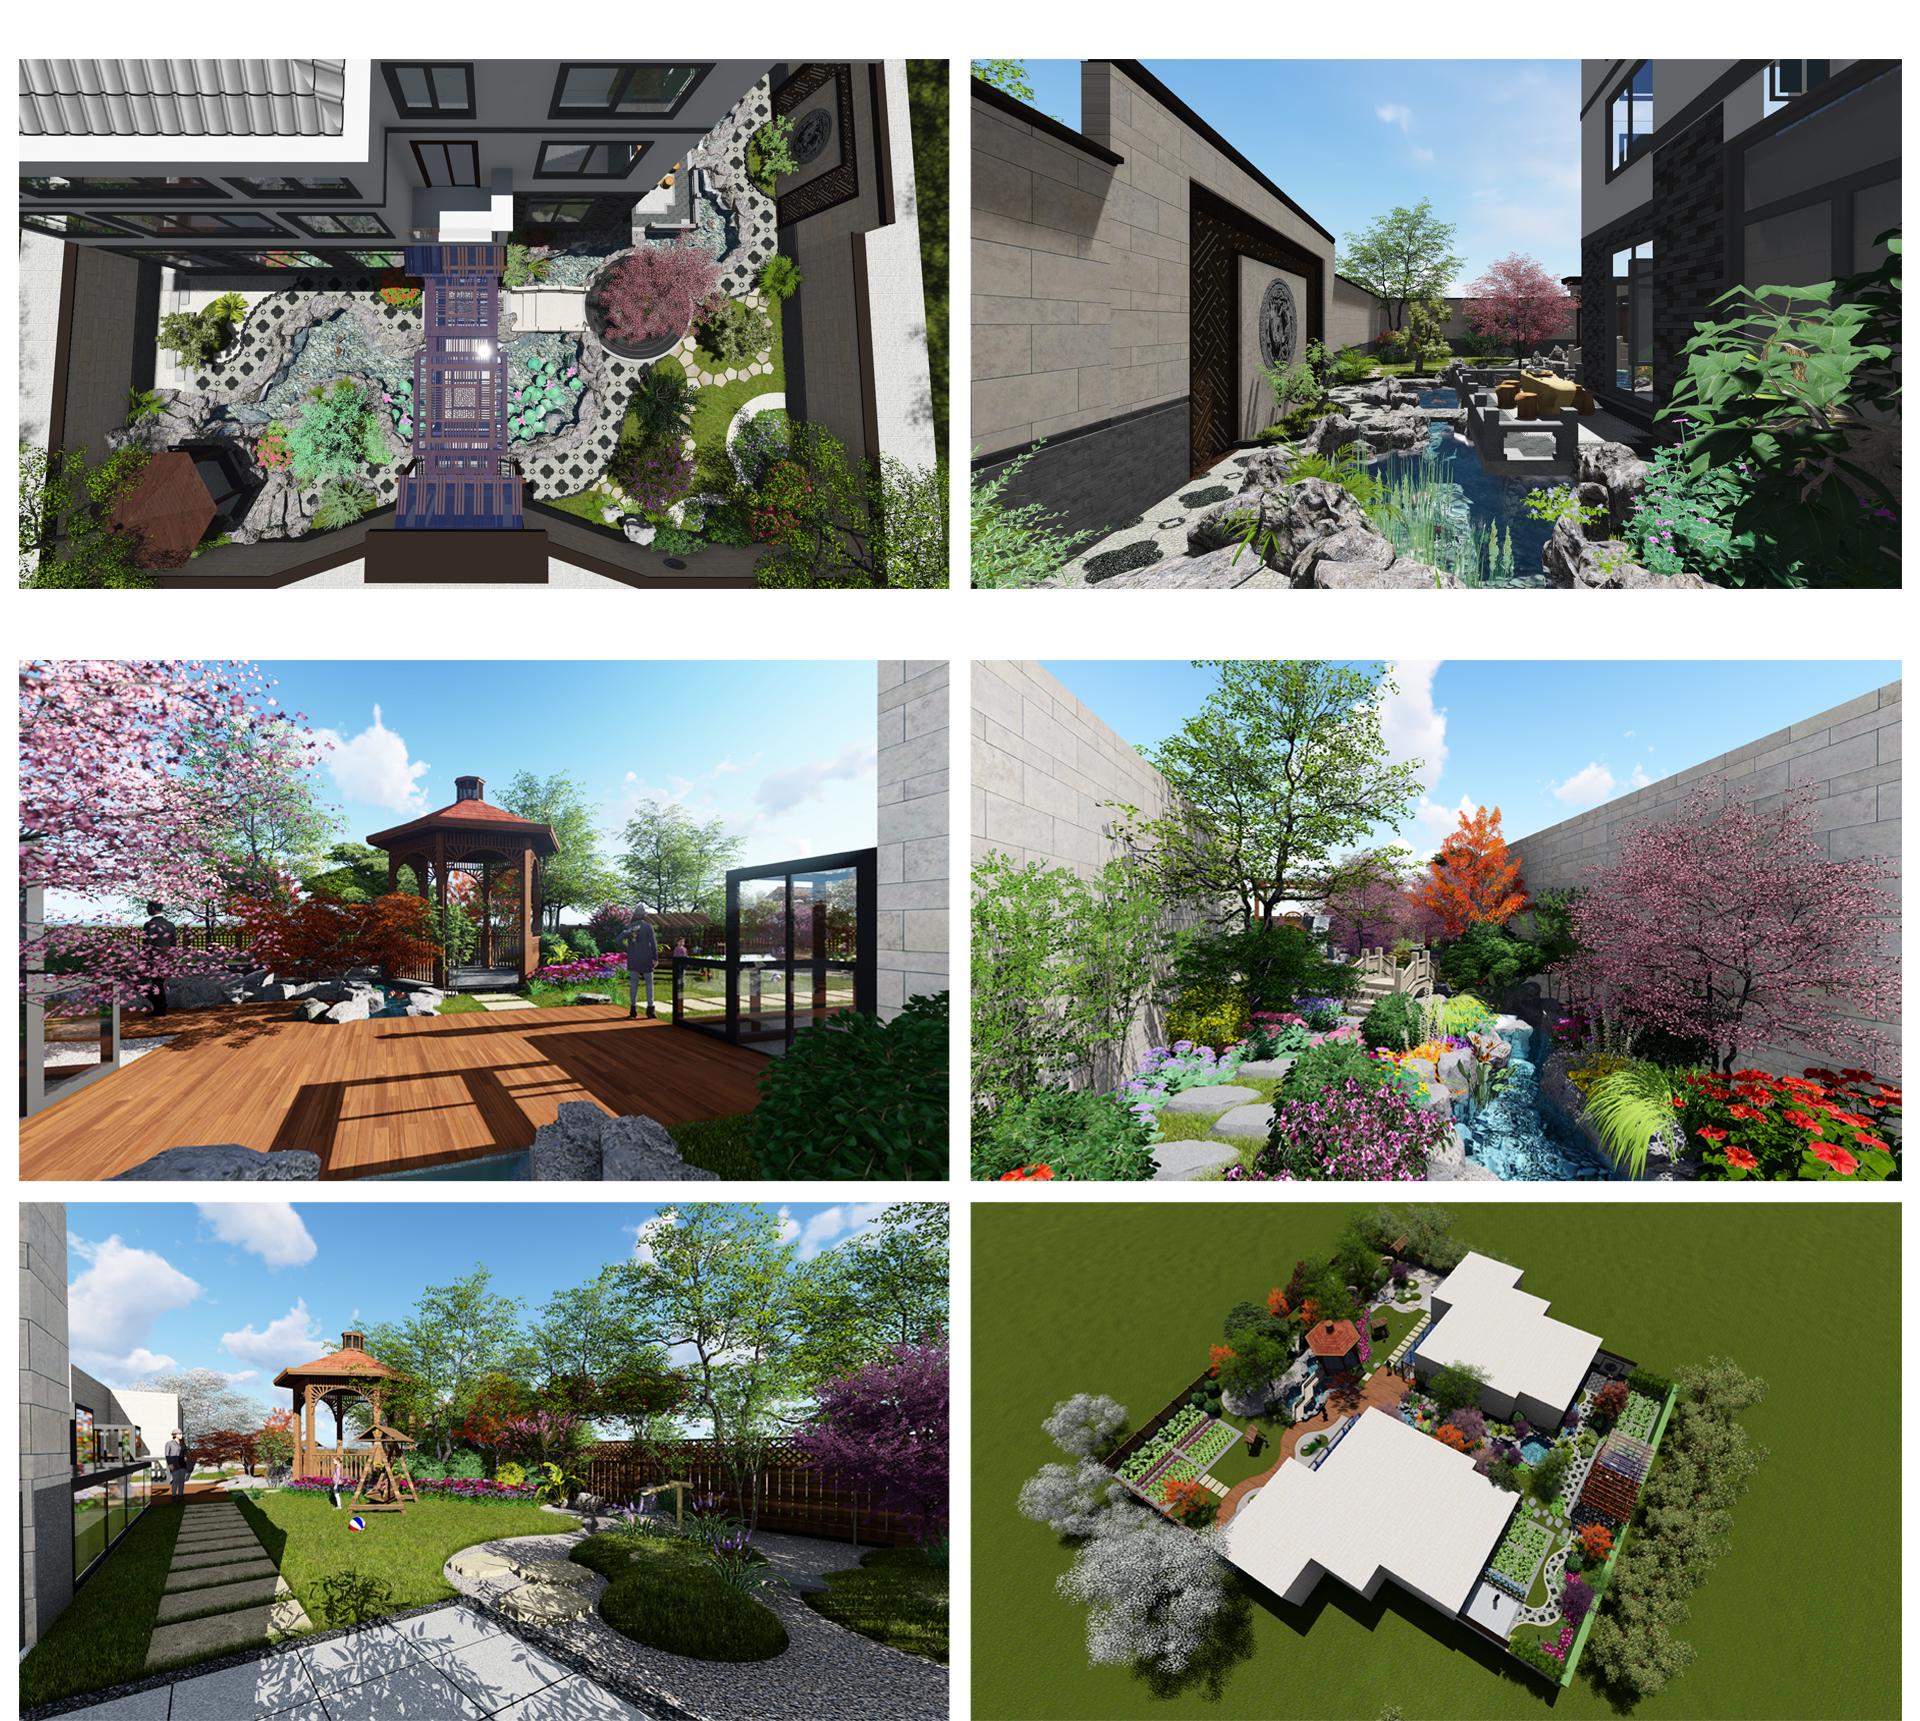 庭院_庭院设计 别墅庭院 屋顶花园 私家花园 景观设计6